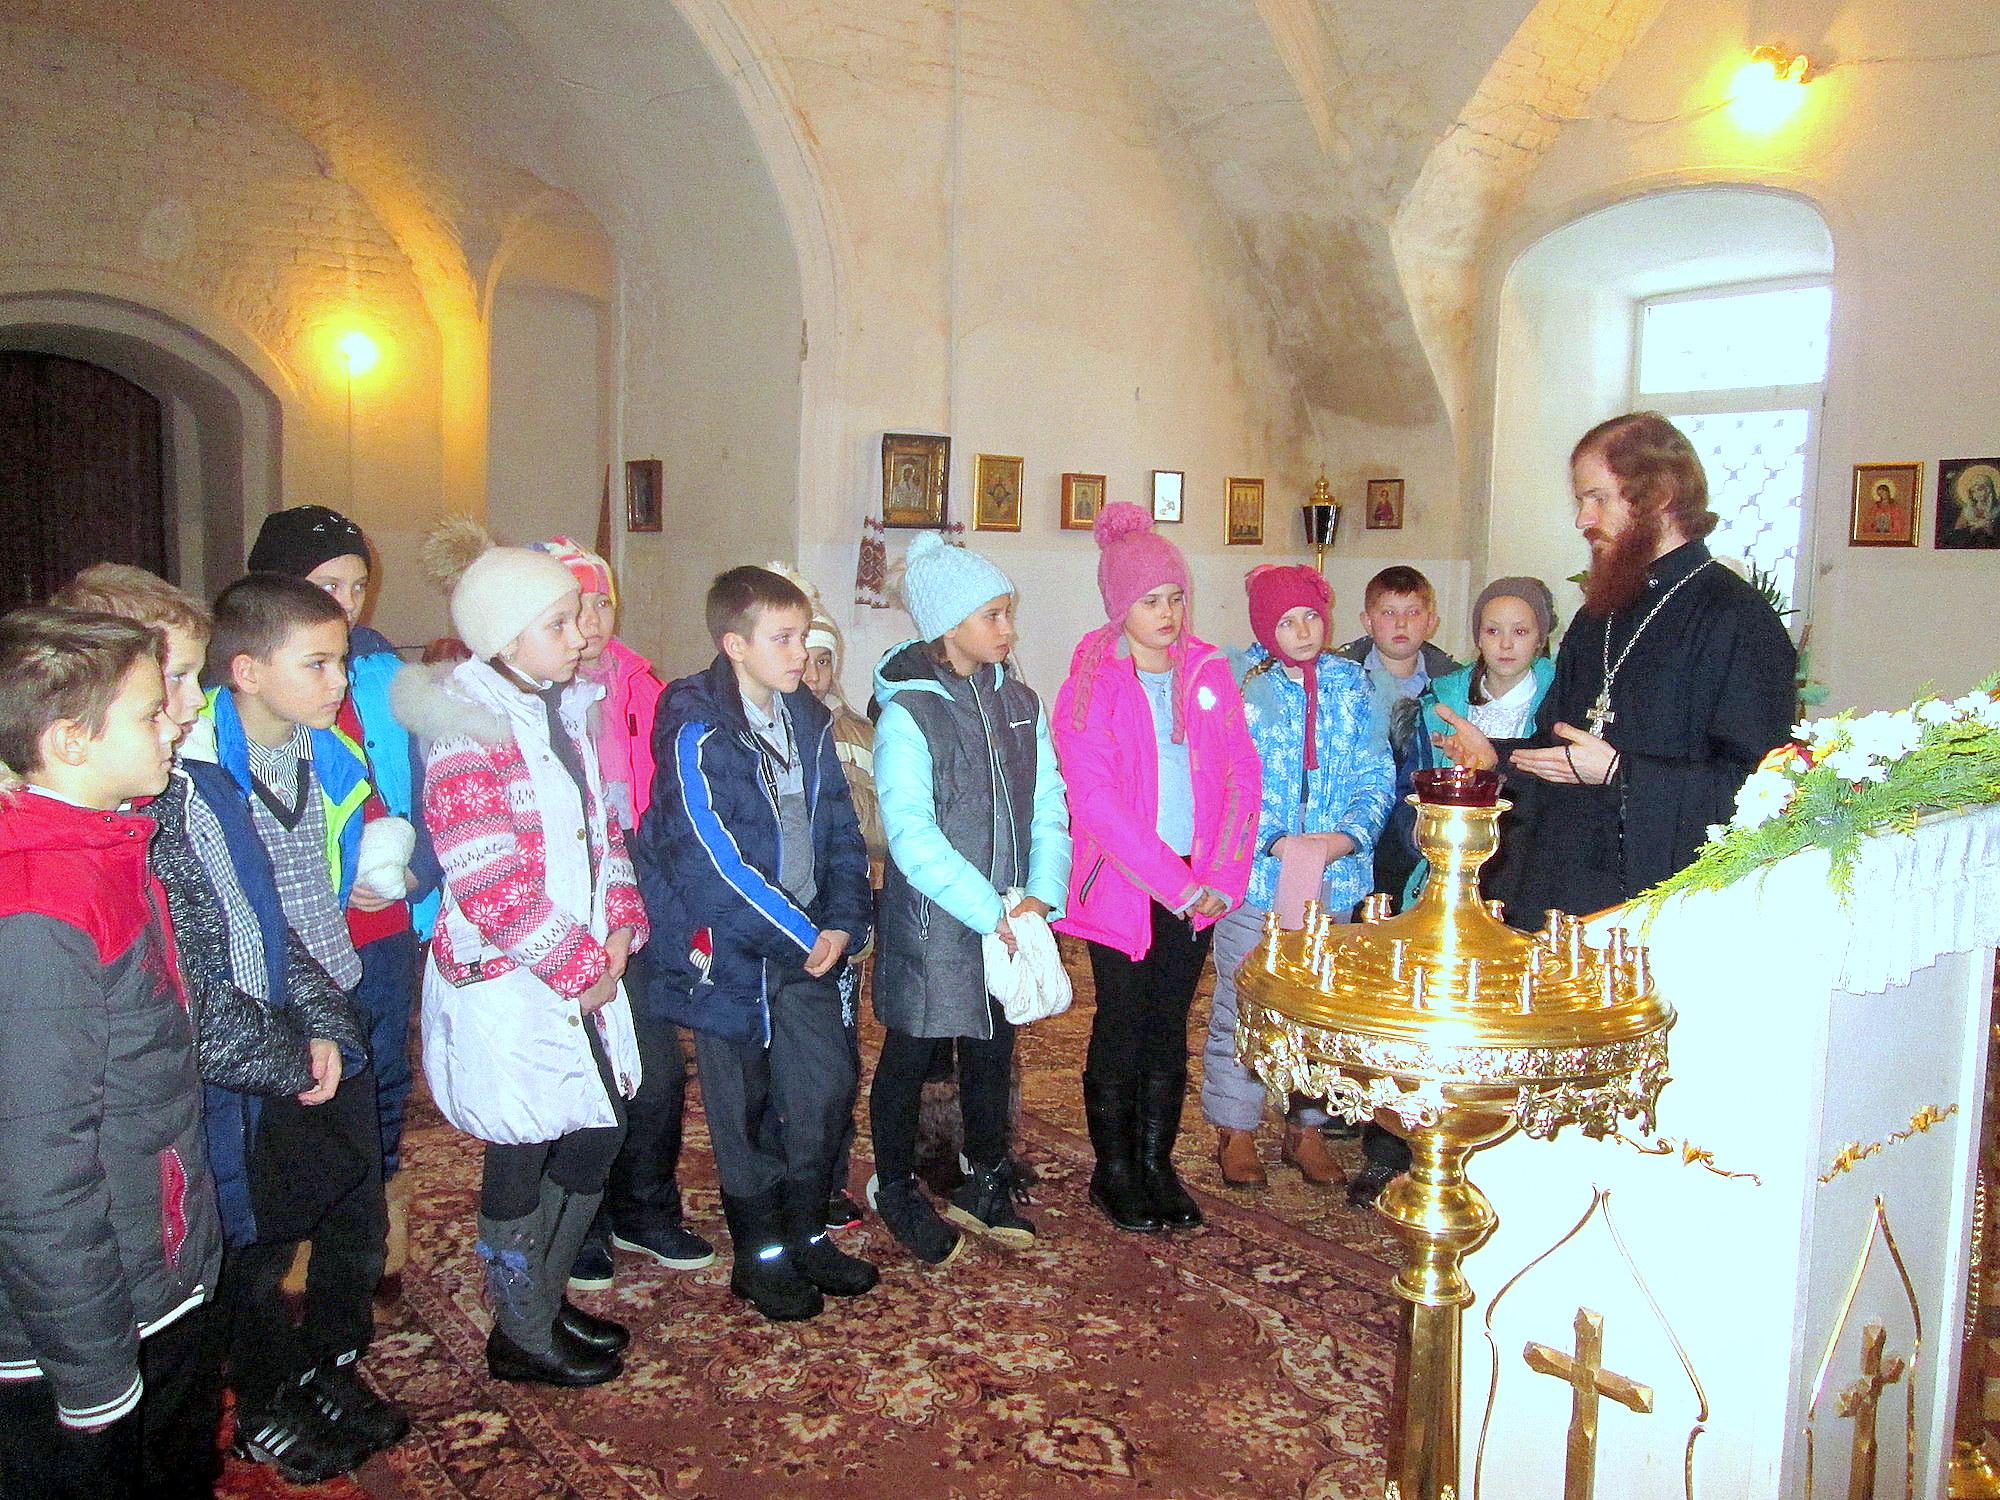 Школьники во Владимирском храме поселка Индустрия - Коломенское благочиние